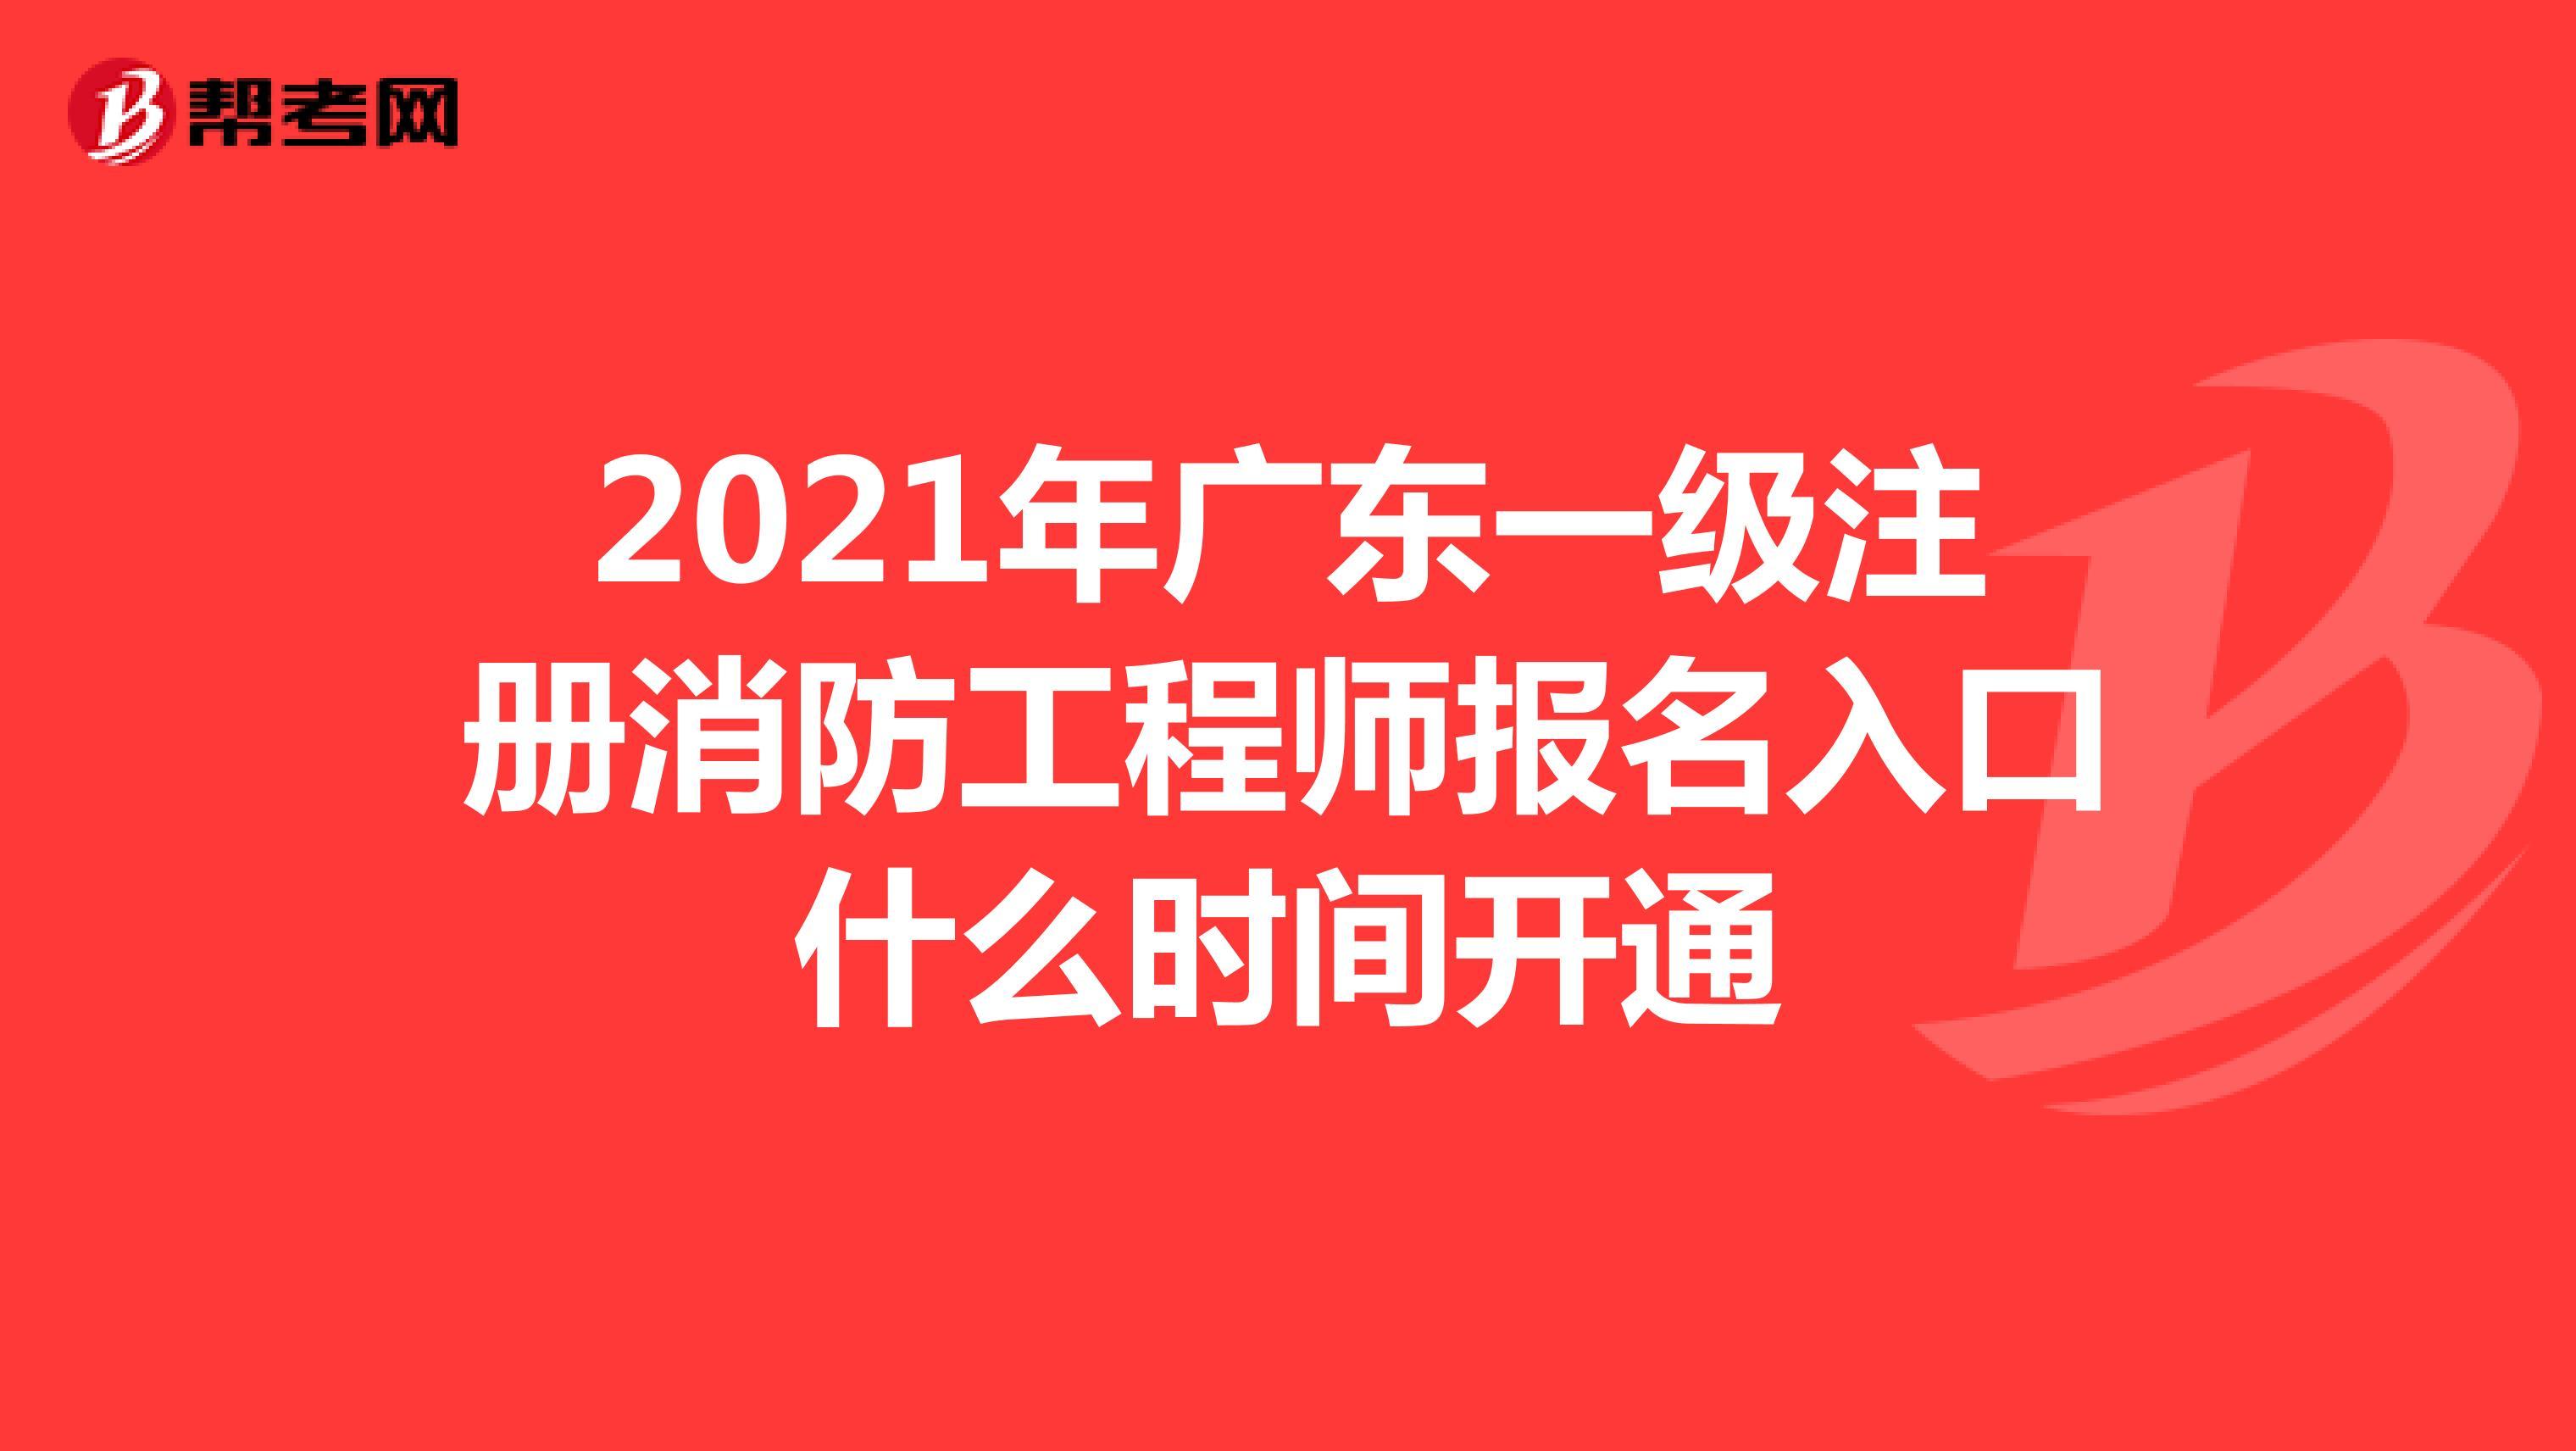 2021年廣東一級注冊消防工程師報名入口什么時間開通